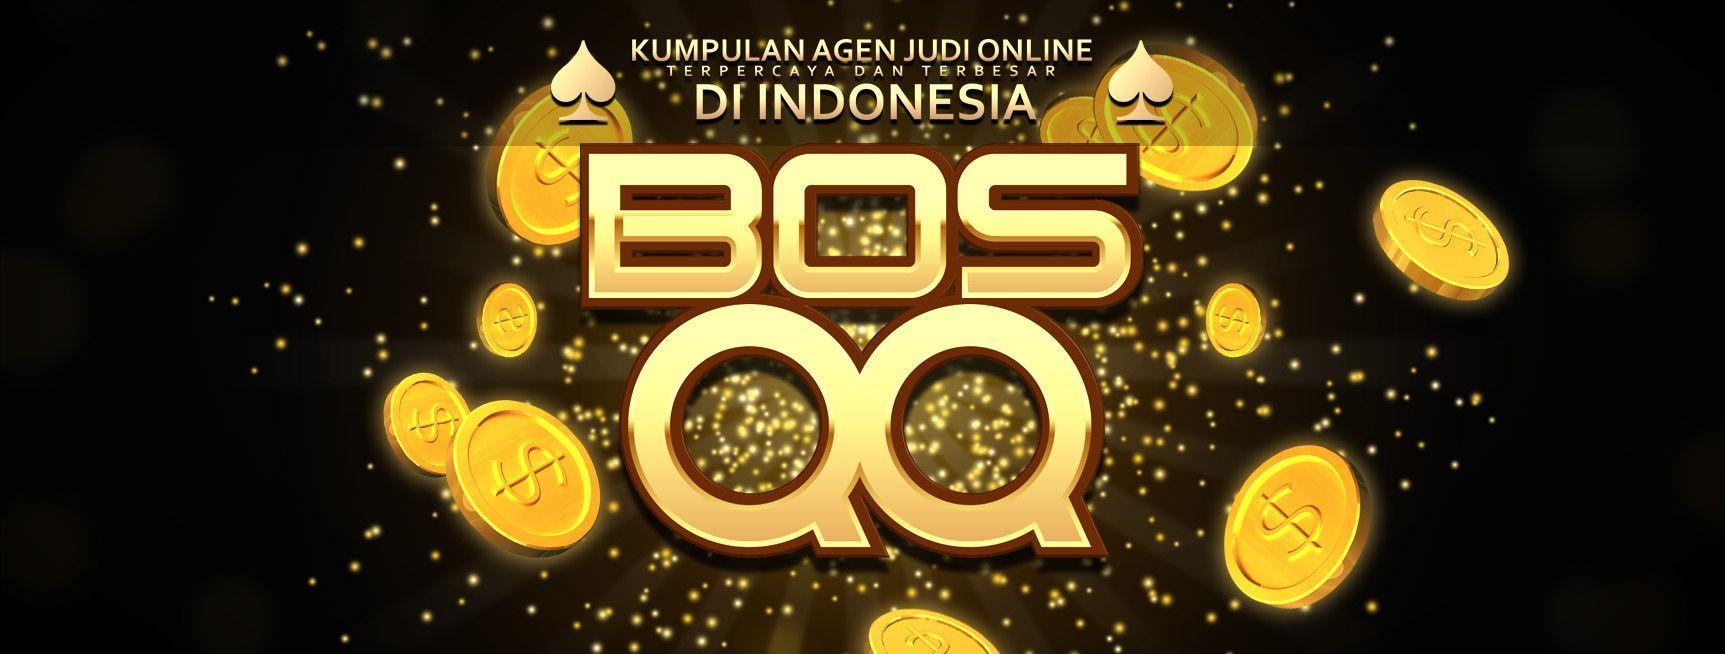 Bosqq Adalah Situs Bandarq Online Terbaik Agen Poker Domino99 Qq Online Capsa Susun Online Bandar Poker Terpercaya No 1 Di Ind Kartu Permainan Kartu Poker